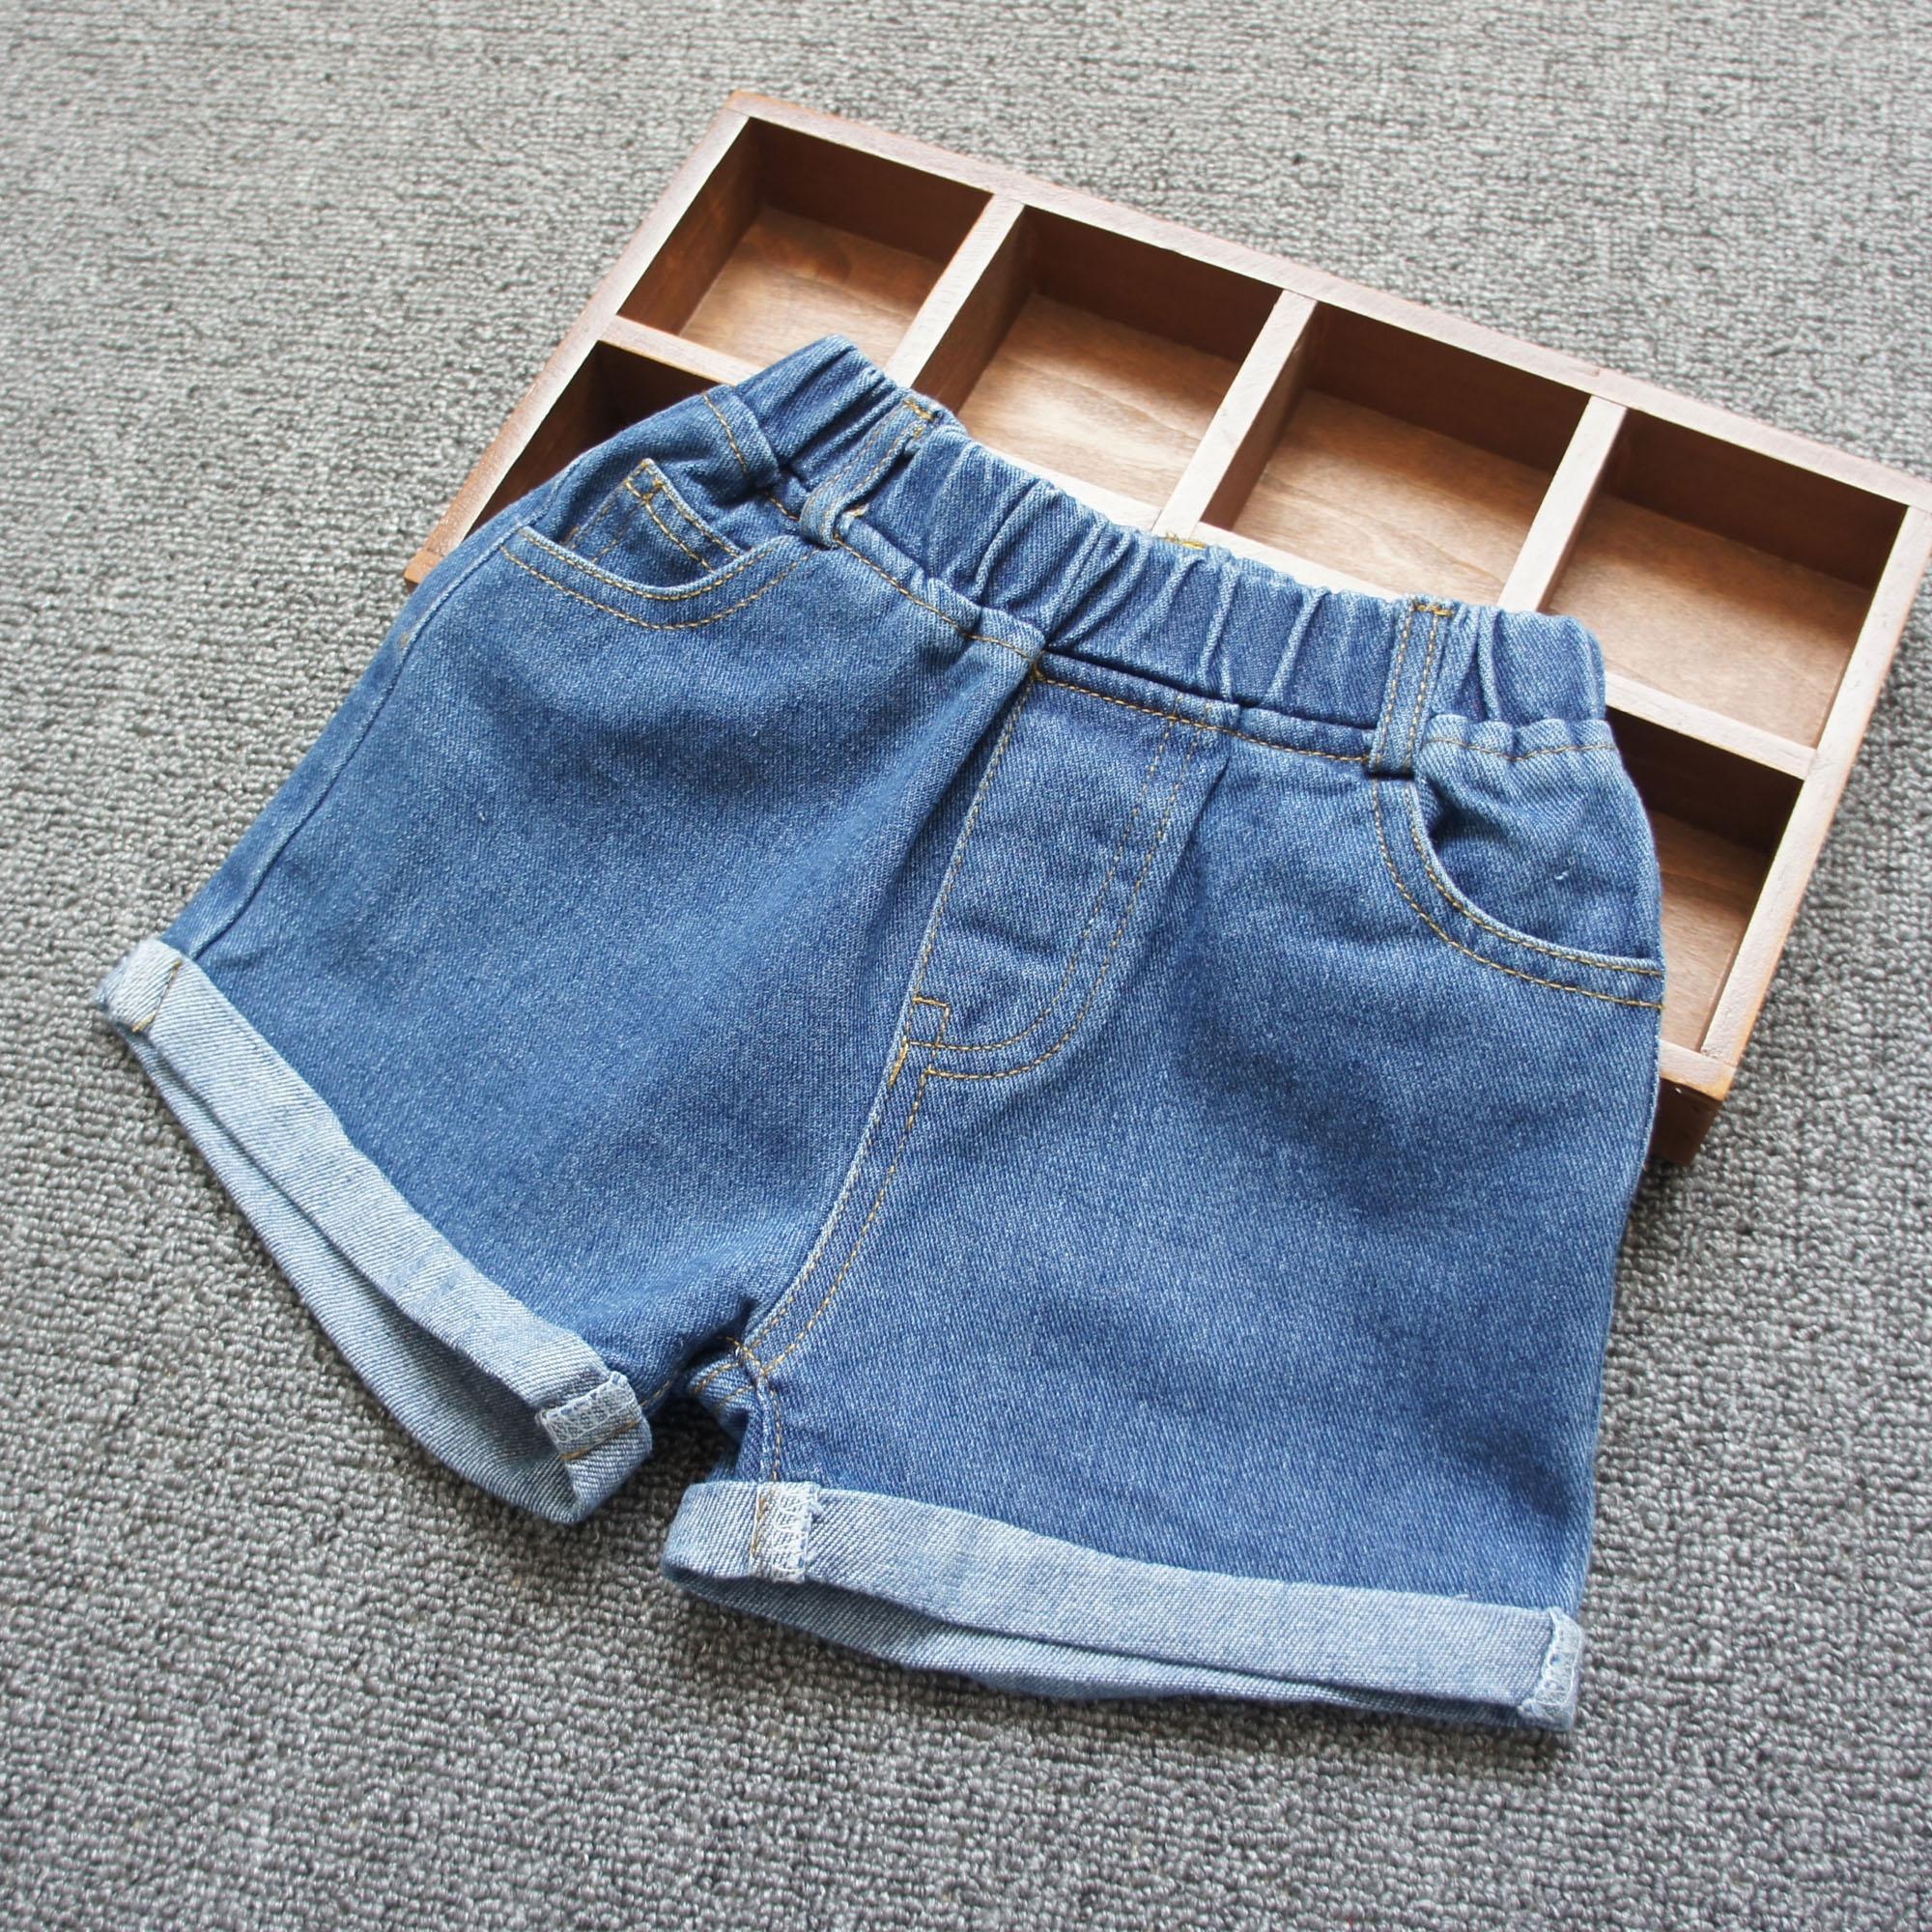 Cô gái quần short denim 2018 mùa hè mới lớn trẻ em mặc quần short trẻ em bông lỏng thường nóng quần Hàn Quốc phiên bản